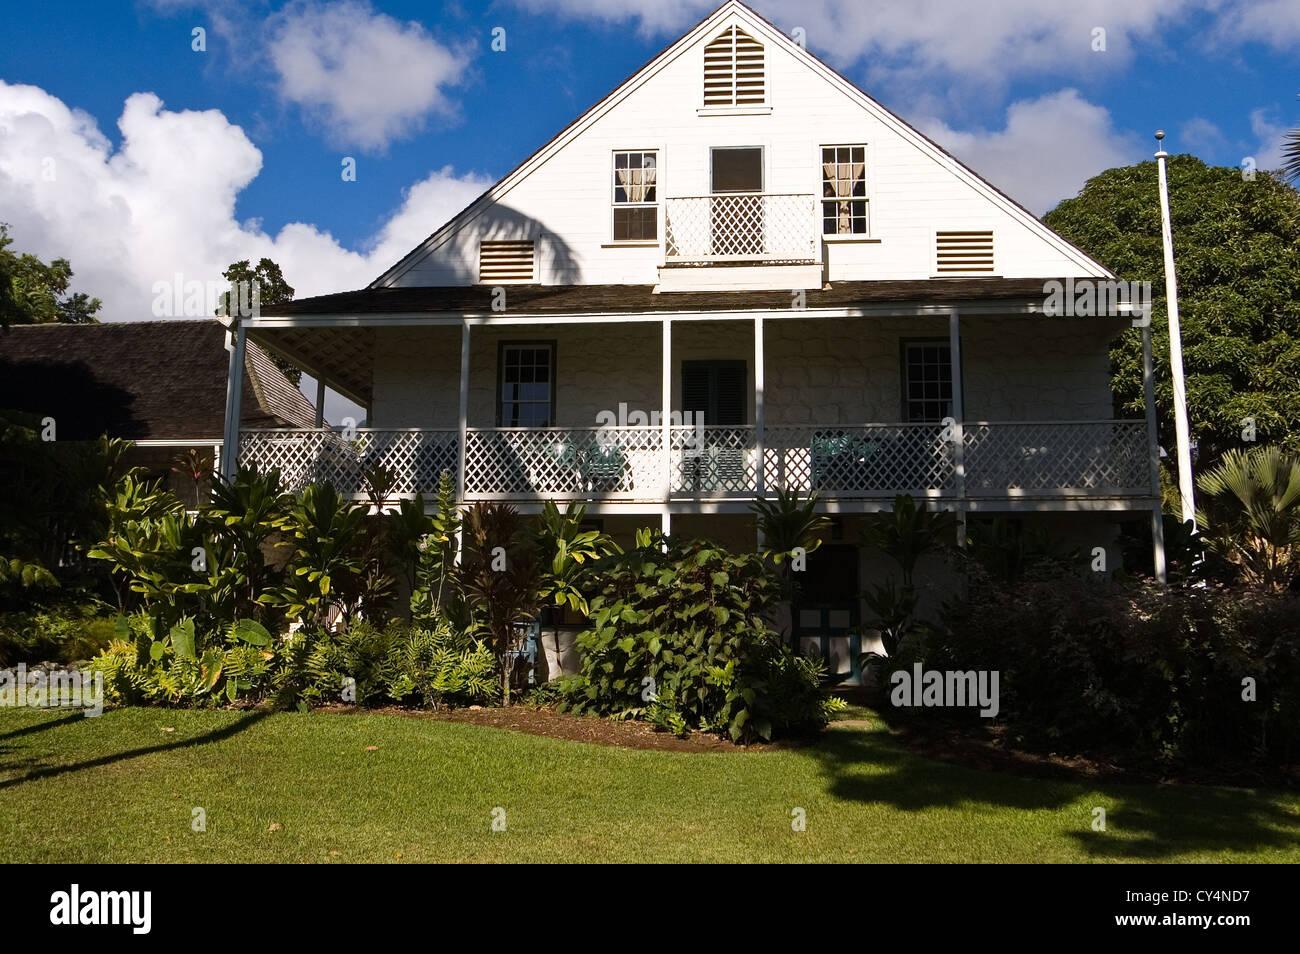 Elk284-4019  Maui, Hawaii, Wailuku, Bailey House Museum, 1833 - Stock Image